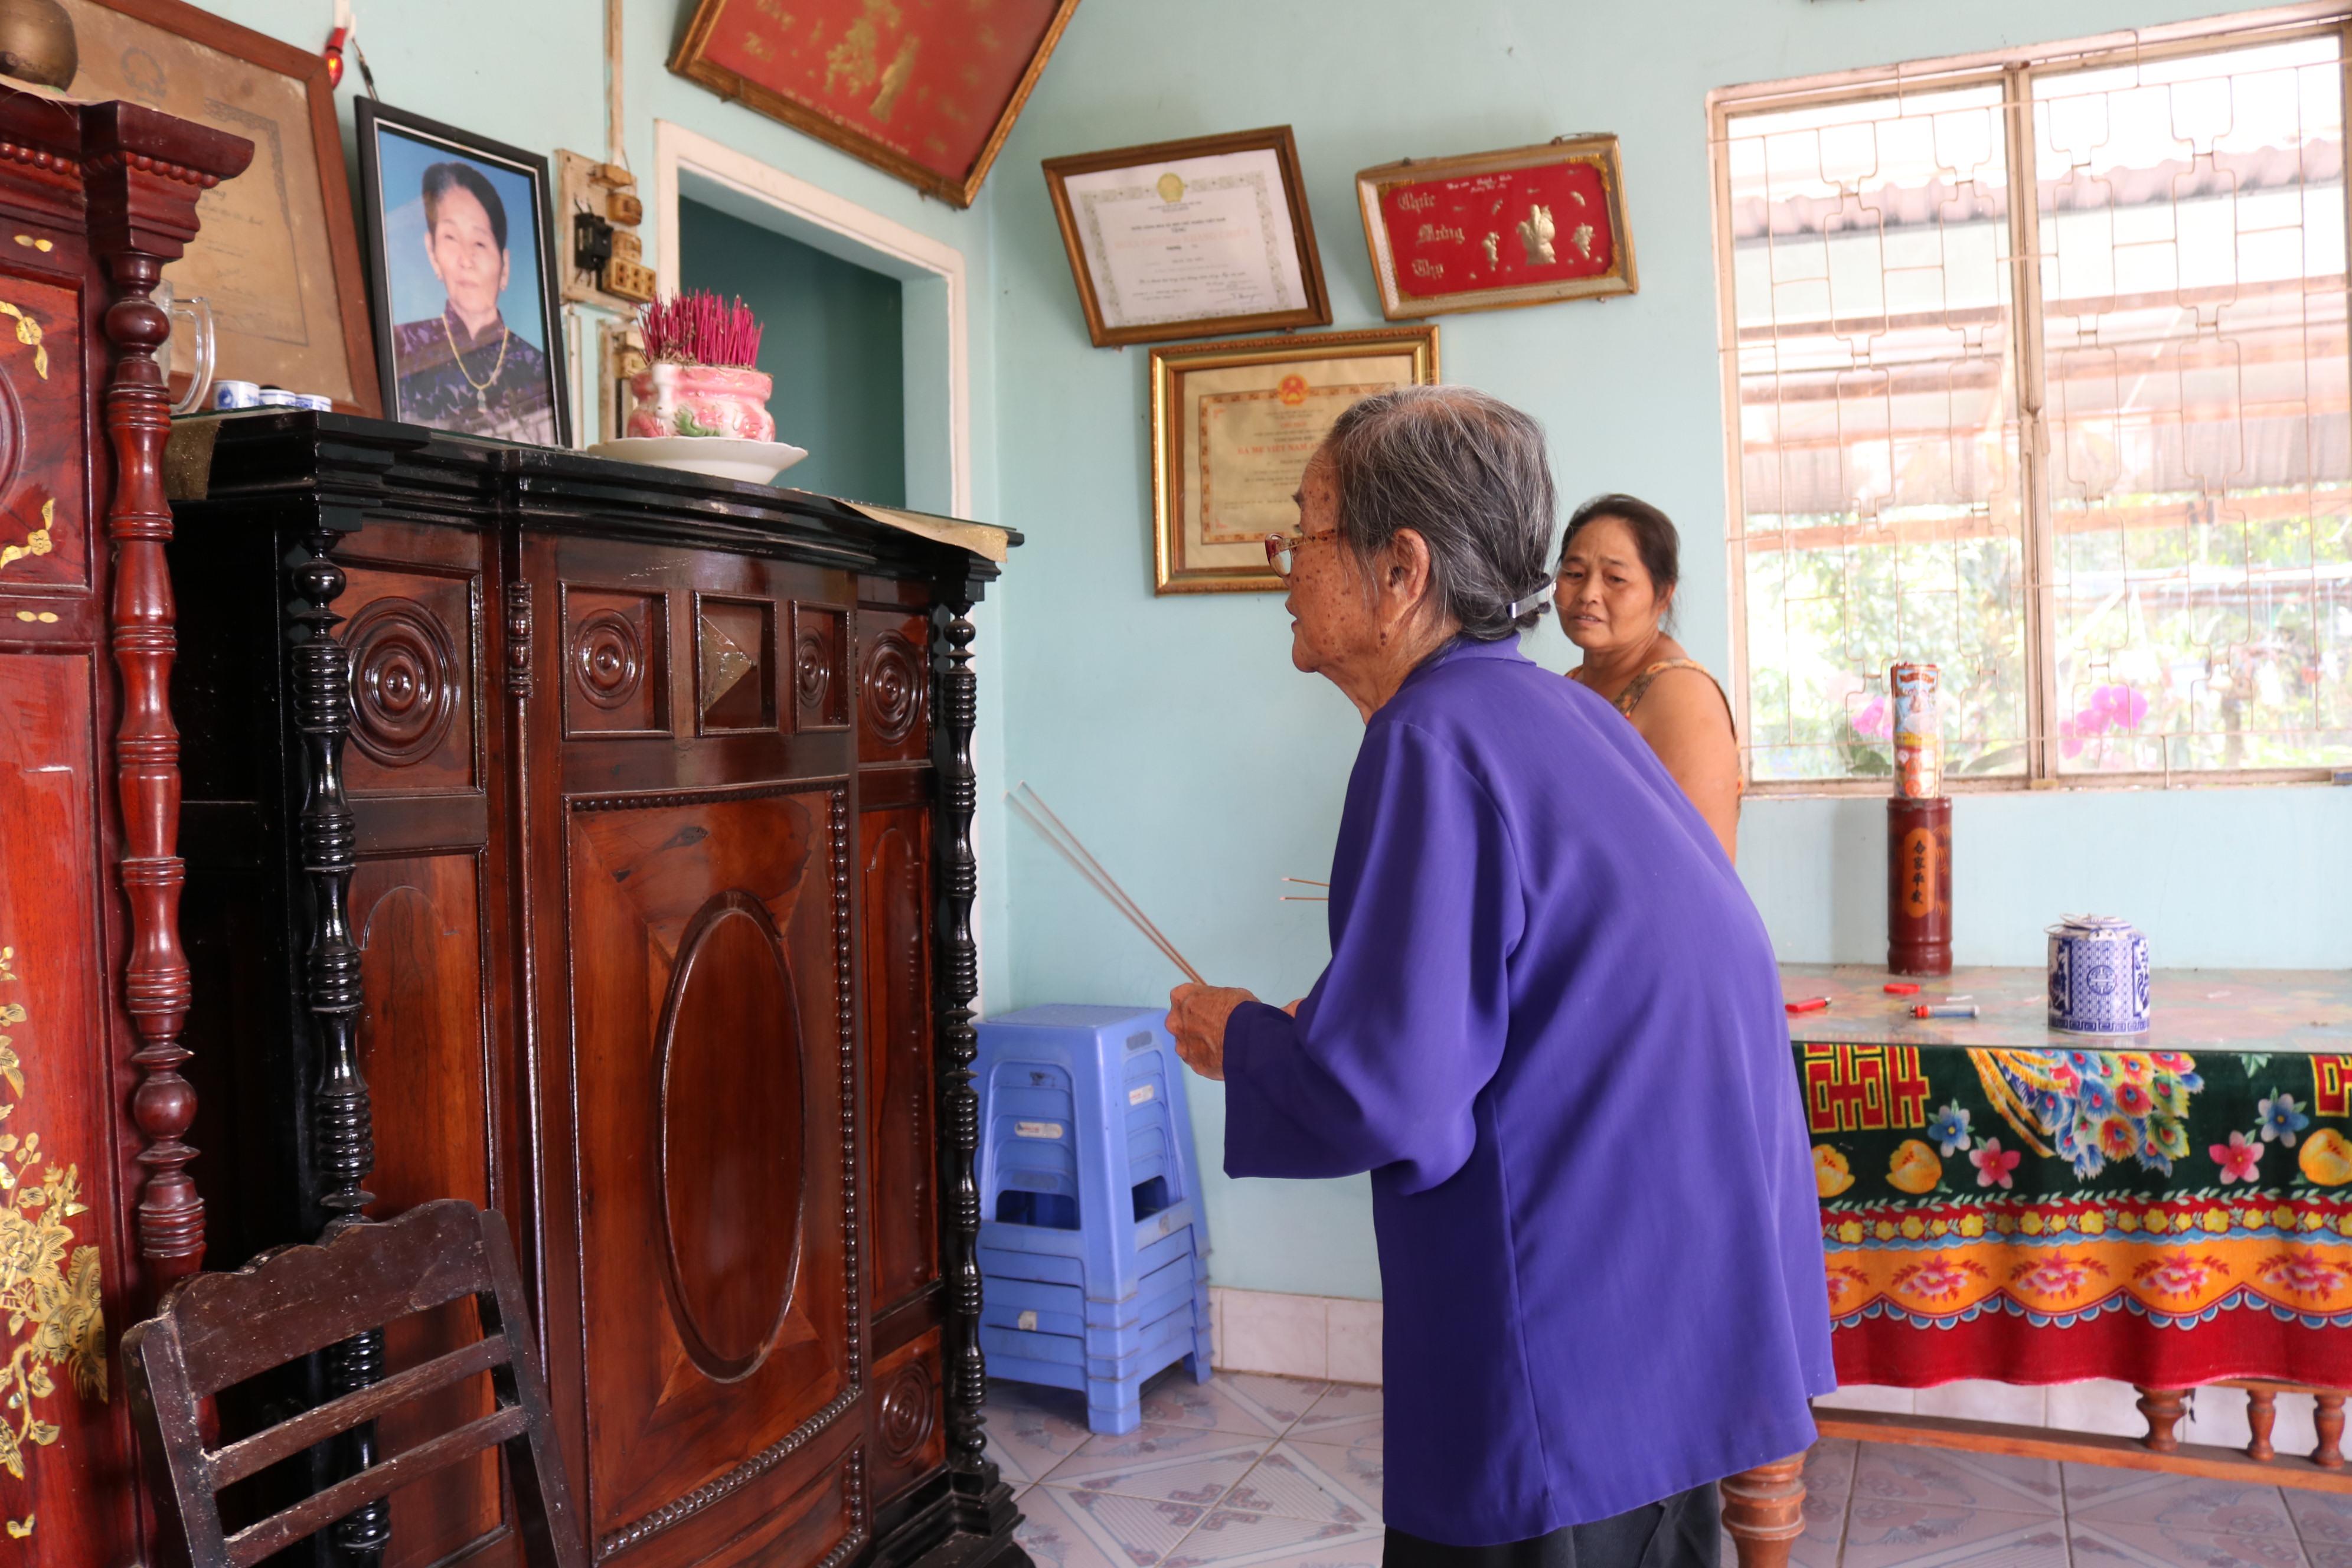 Bà Năm Đang thắp nhang tưởng nhớ Bà mẹ Việt Nam anh hùng Phạm Thị Niền. Má Niềm ở Củ Chi đã dành cả đời chở che, bảo bọc bộ đội và cán bộ phụ vận.